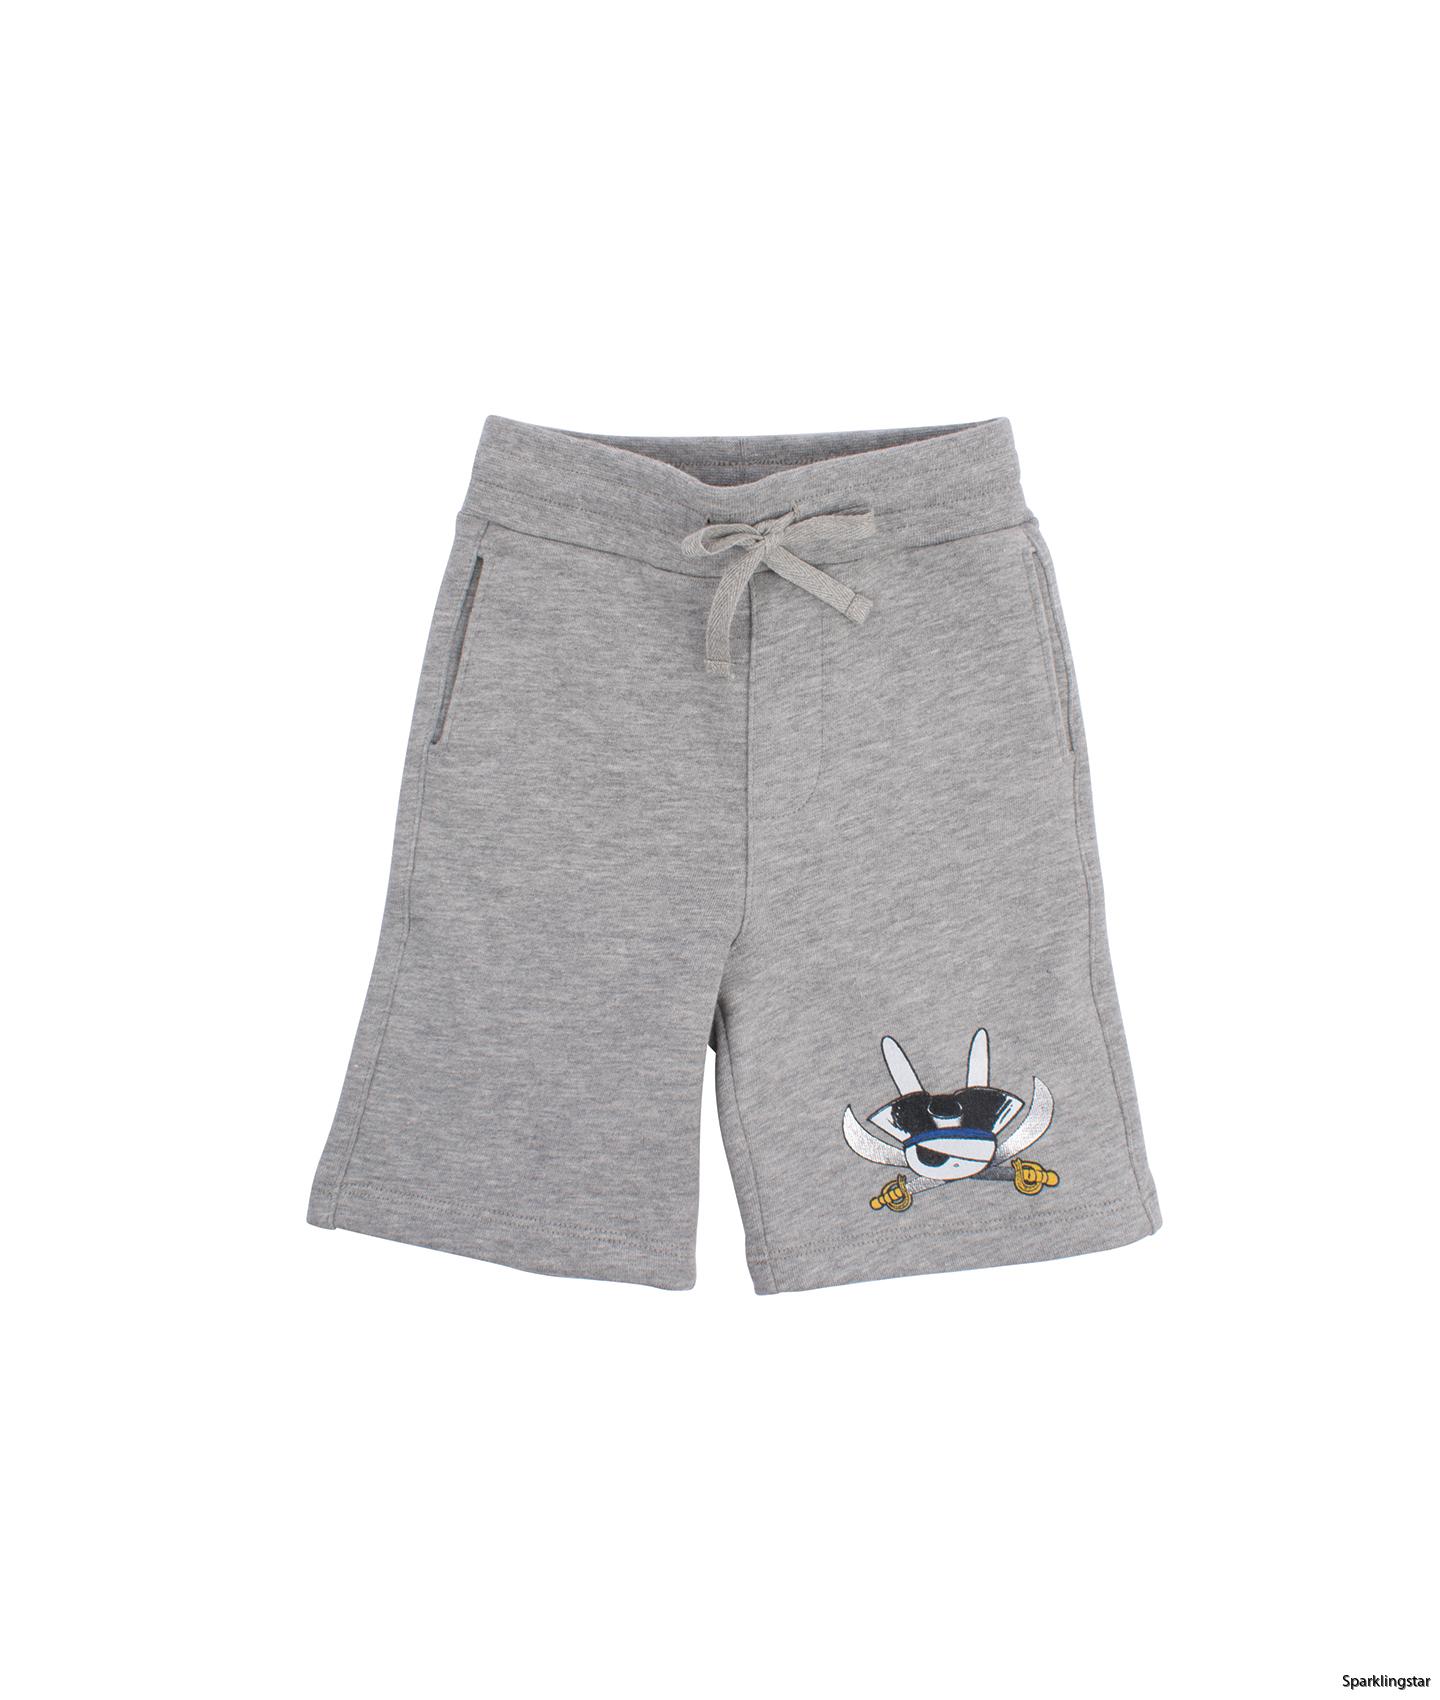 Livly Varsity Shorts Grey Pirate